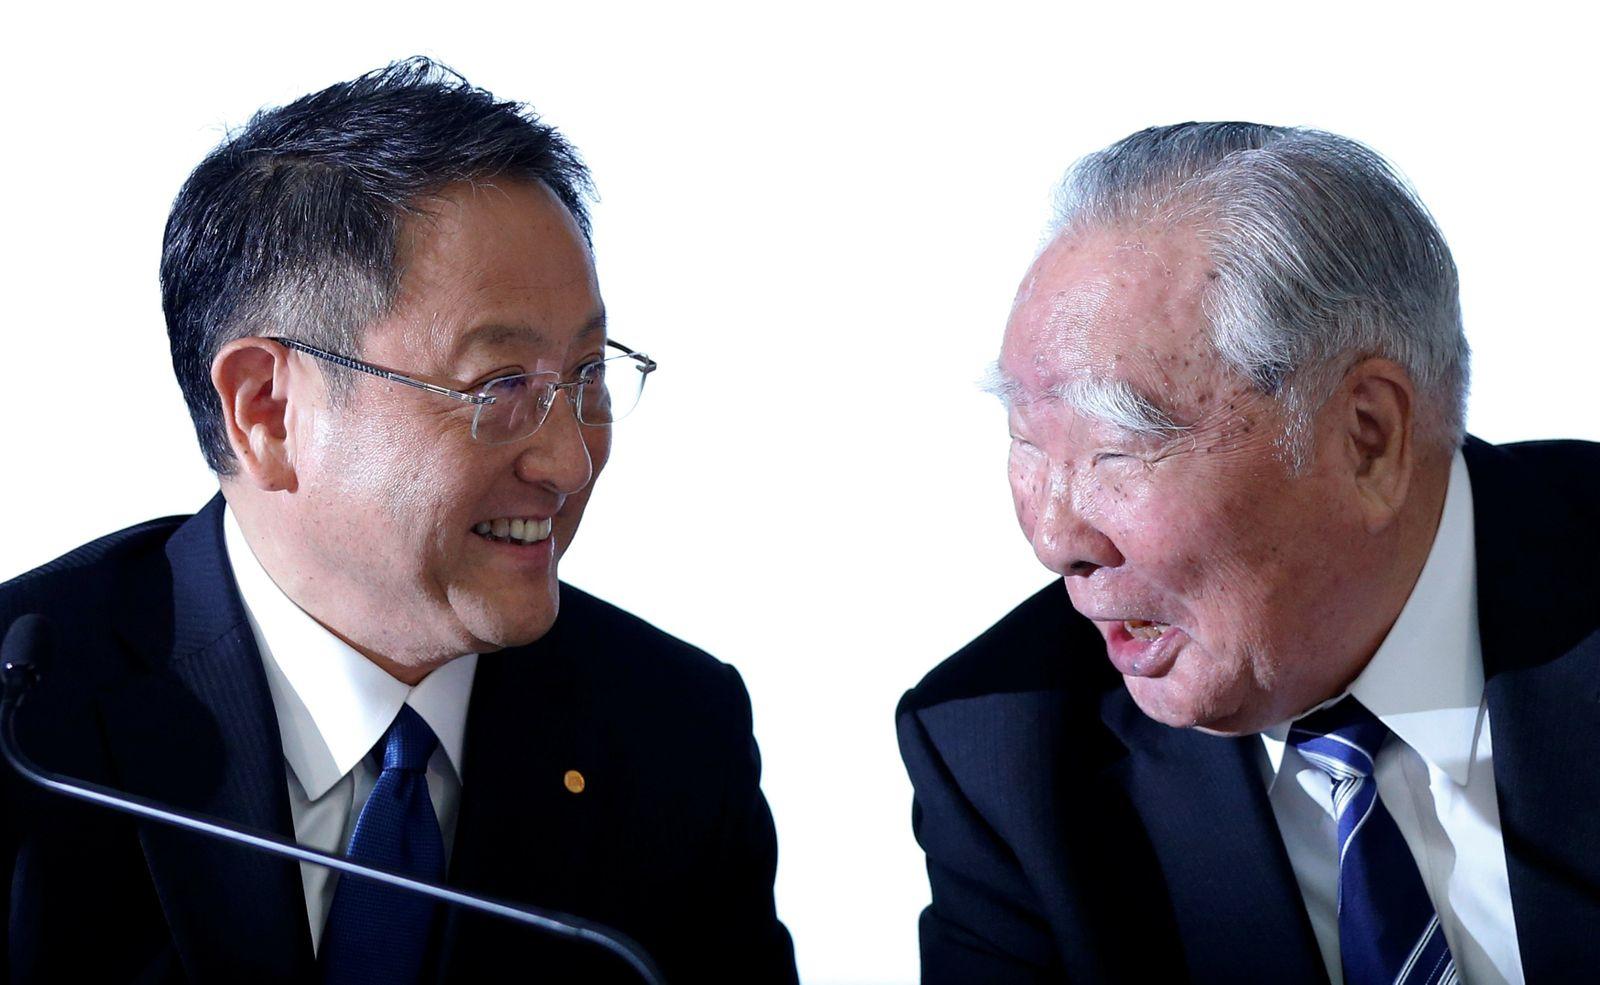 Akio Toyoda / Osamu Suzuki